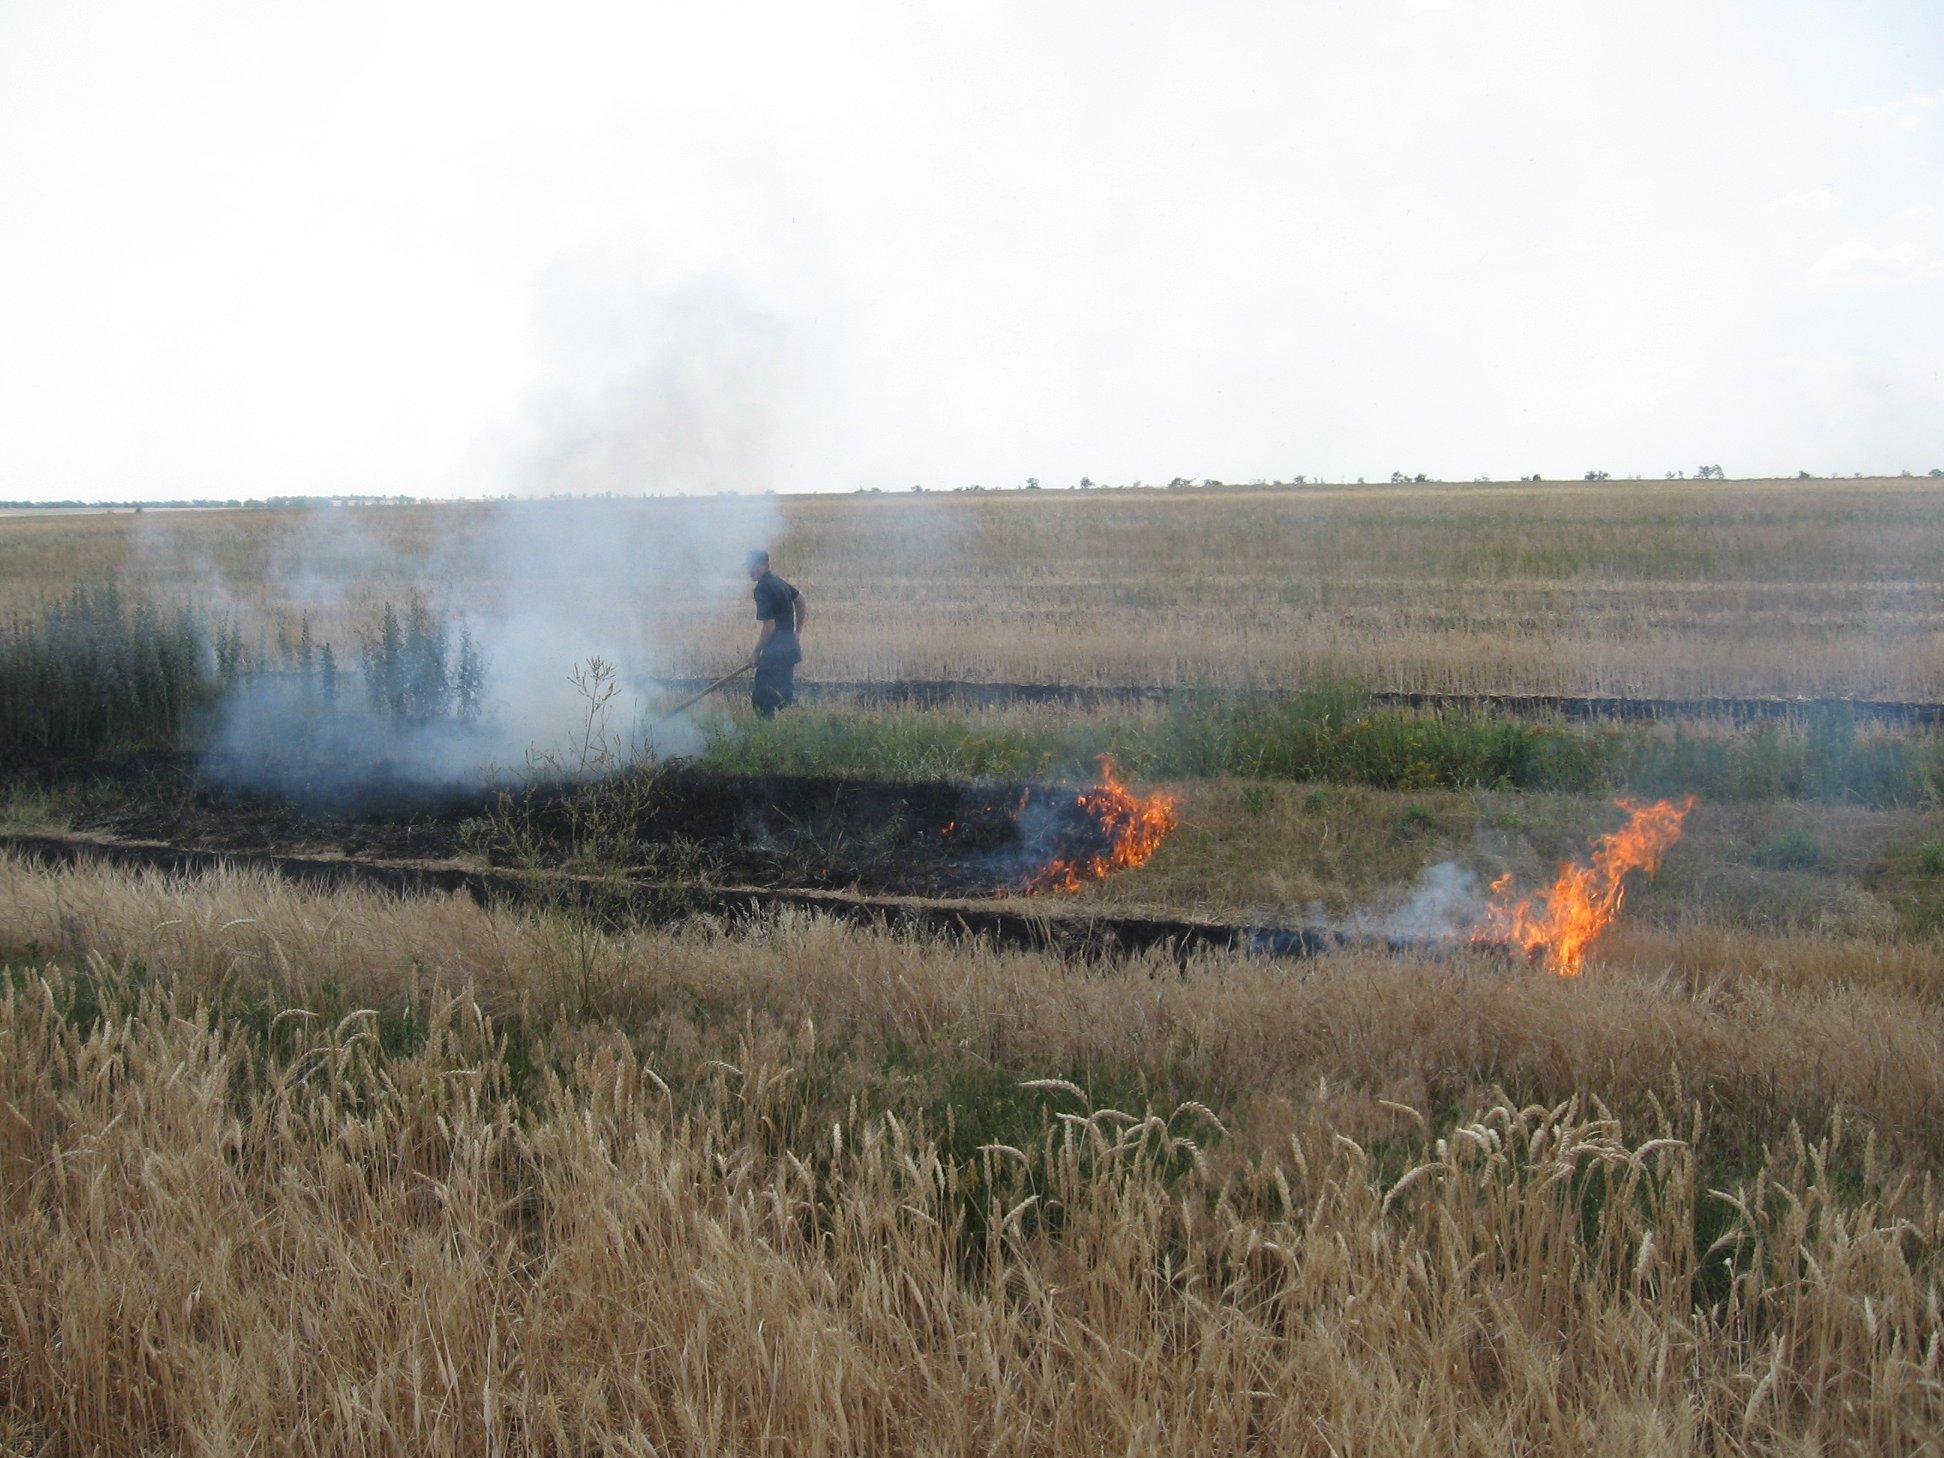 Работники белозерского предприятия после уборки урожая чуть не сожгли соседнее поле